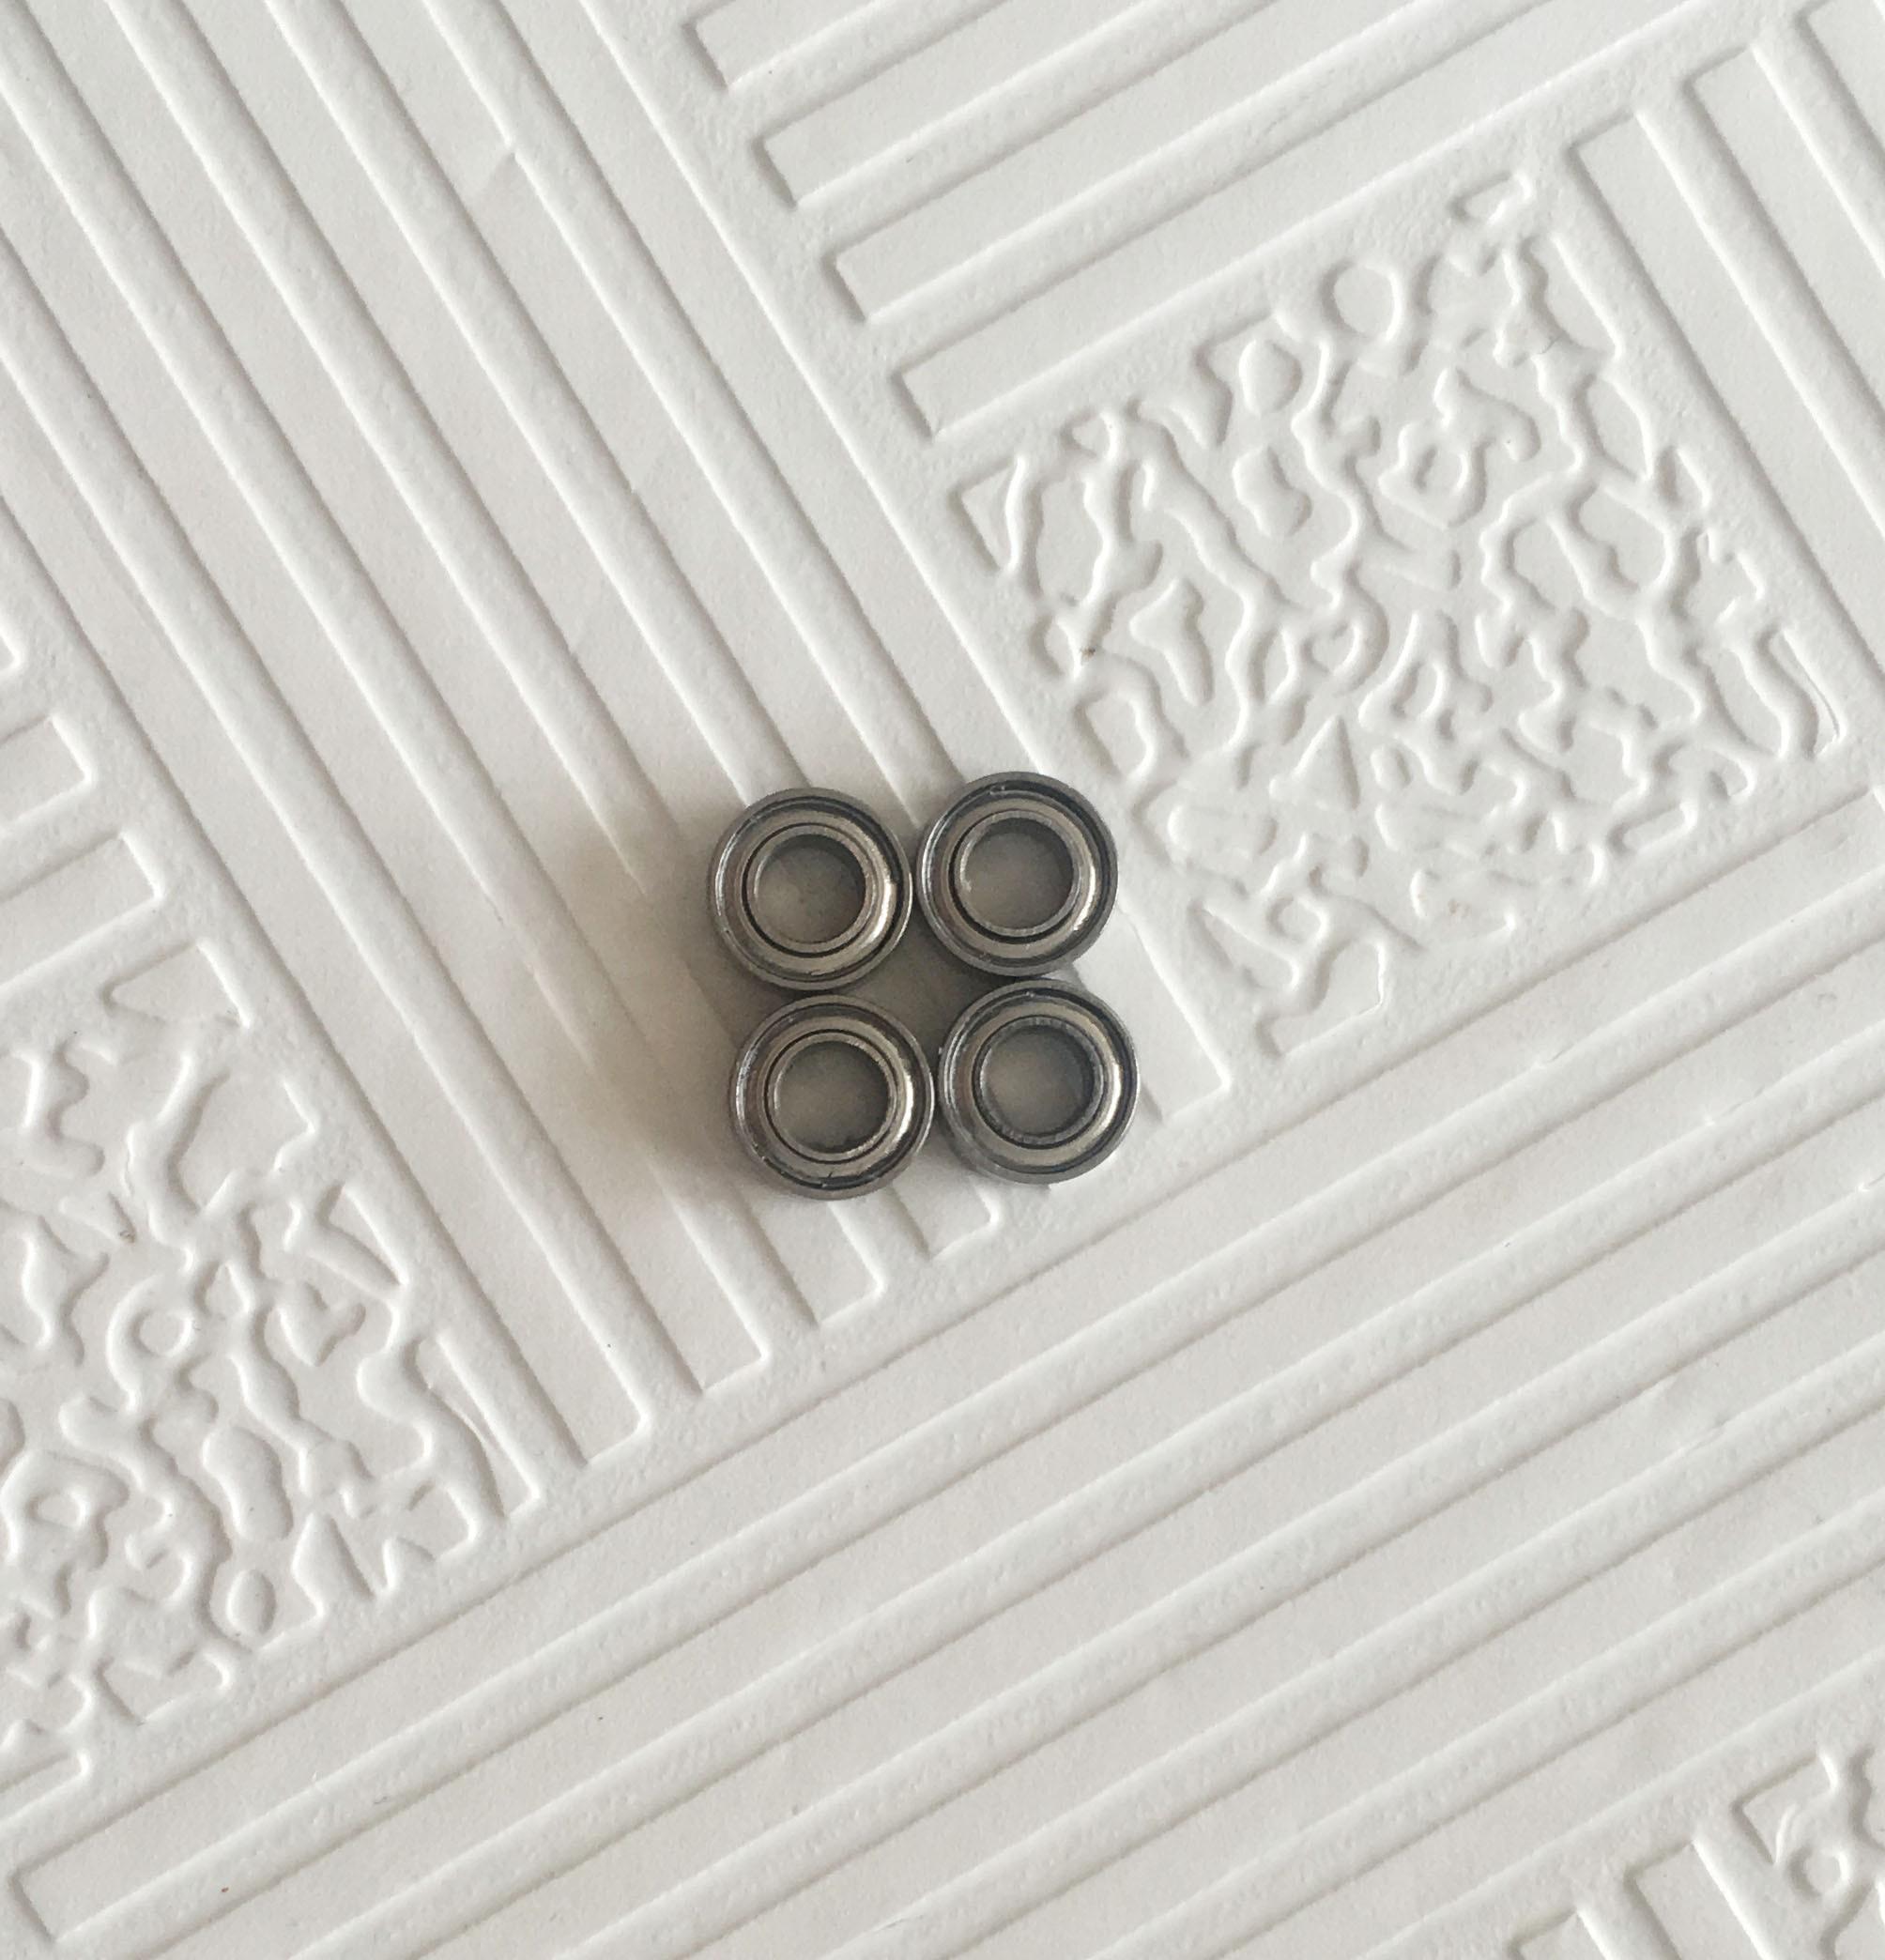 682ZZ 682 682Z deep groove ball bearing 2x5x2.3mm miniature bearing full complement 681 681zz deep groove ball bearing 1x3x1mm miniature bearing 1 3 1mm full complement